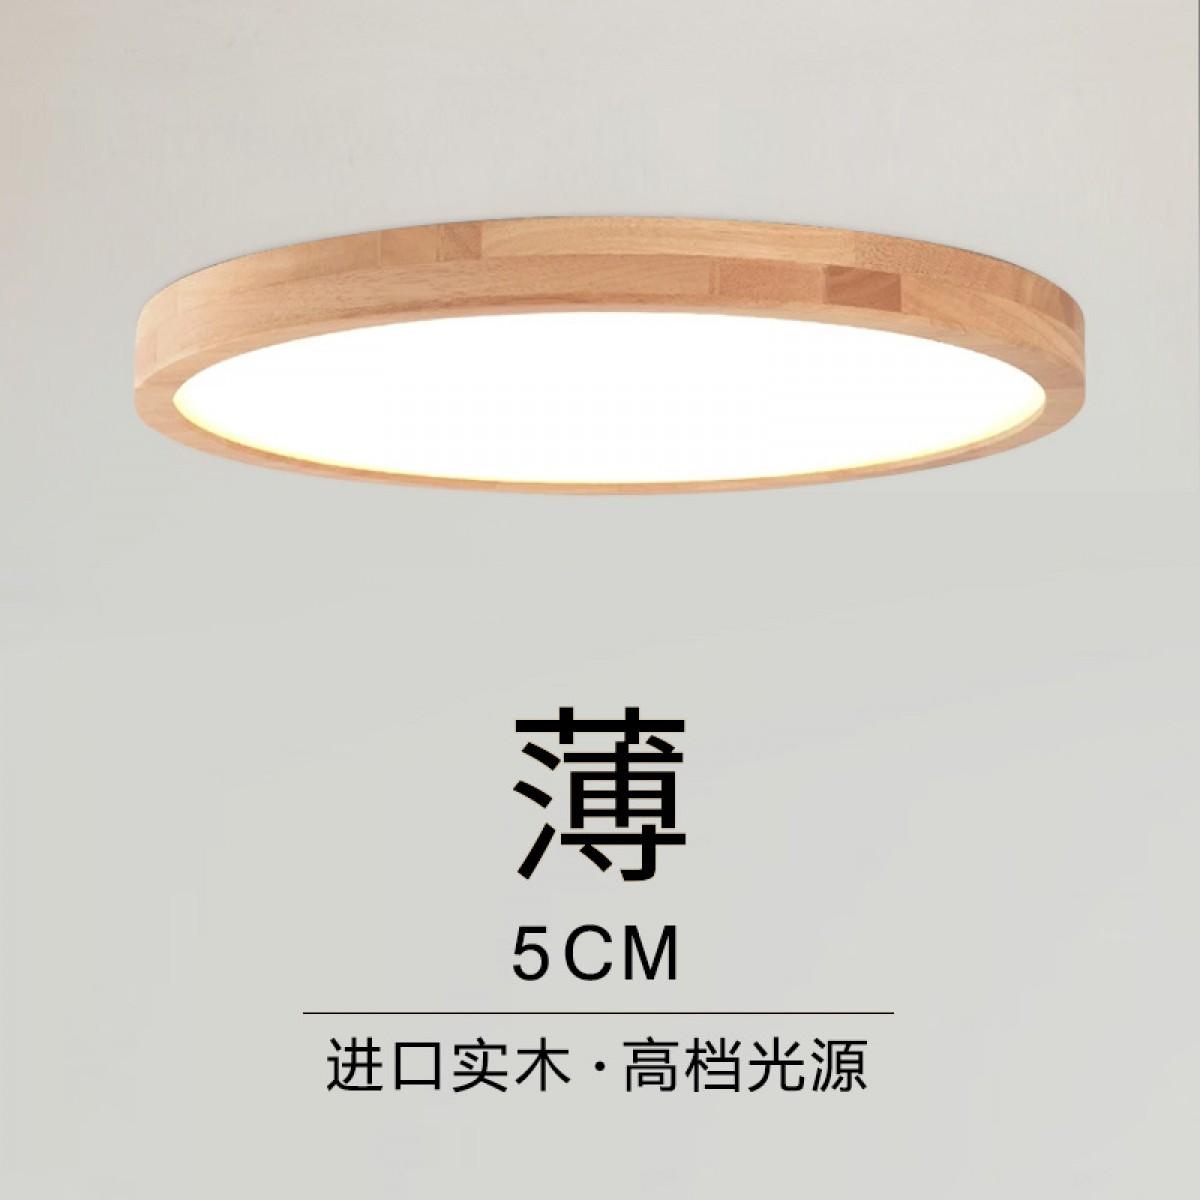 原木吸顶灯led北欧实木客厅灯圆形简约现代书房灯卧室灯日式灯具